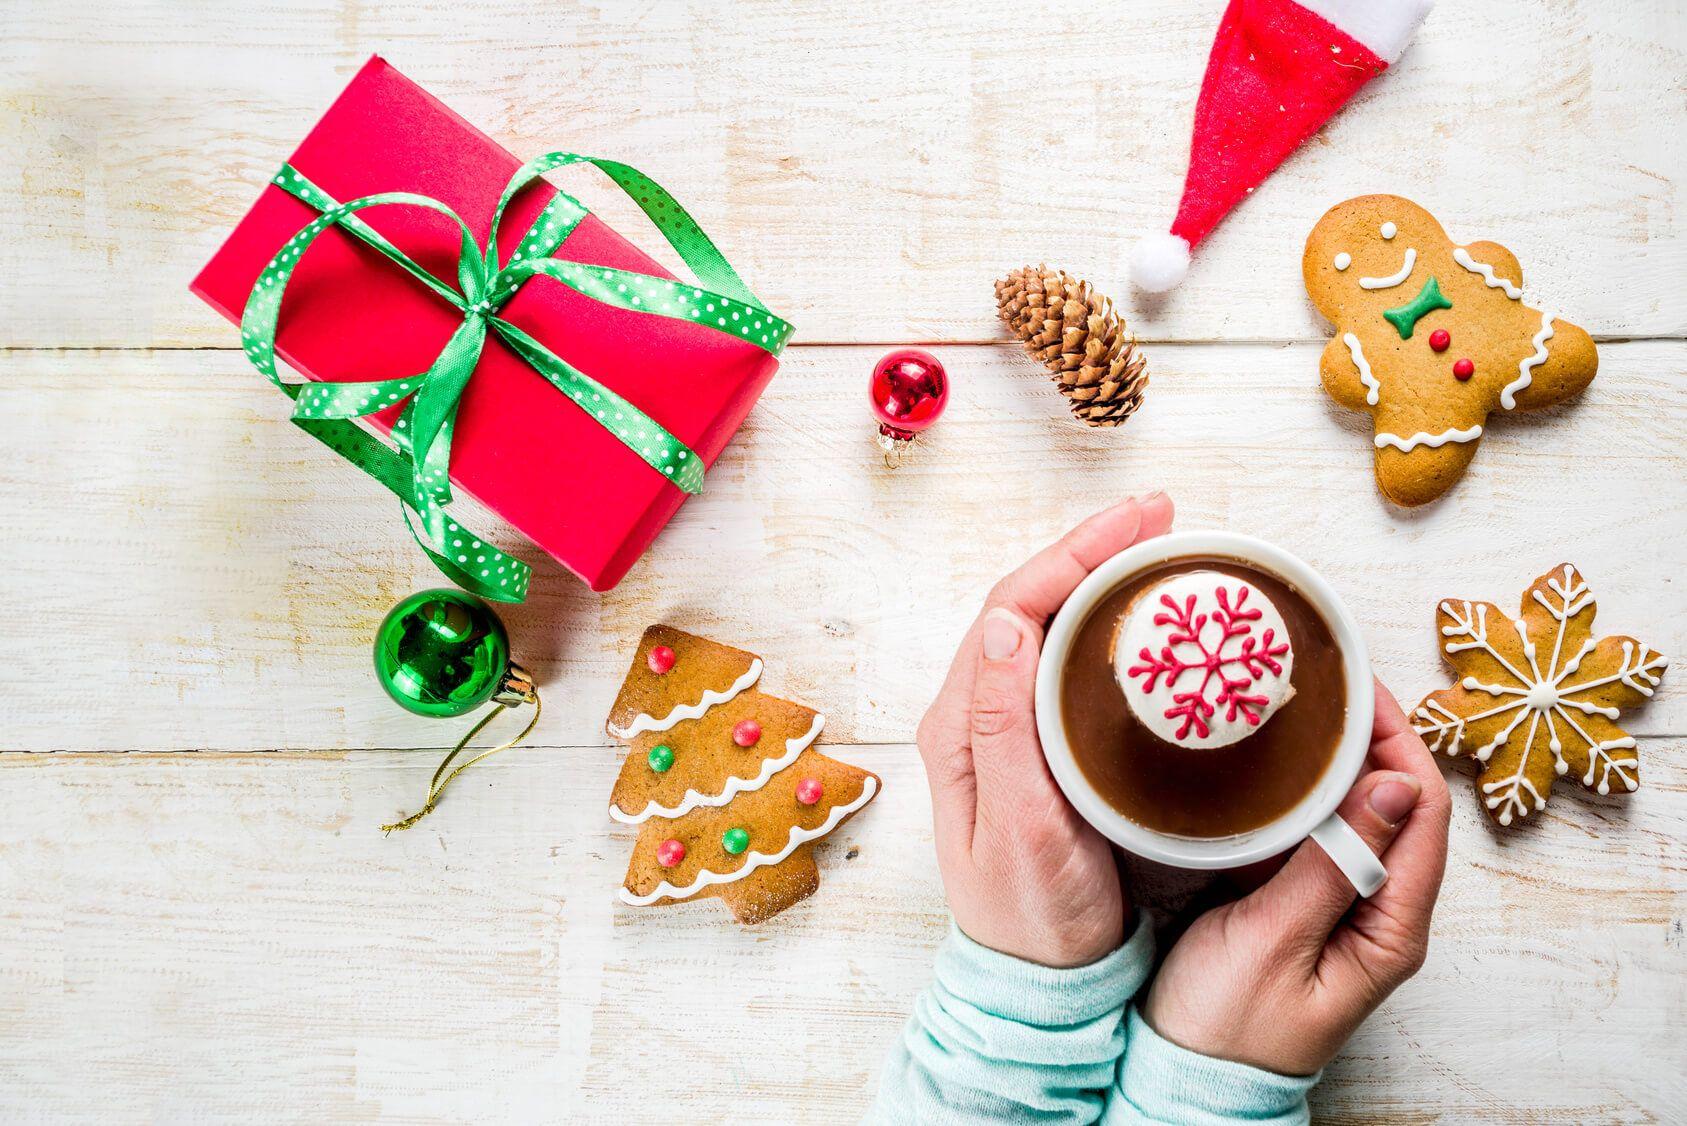 Weihnachtsgeschenke Für Frau.Kaffee Und Co Weihnachtsgeschenke Für Frauen